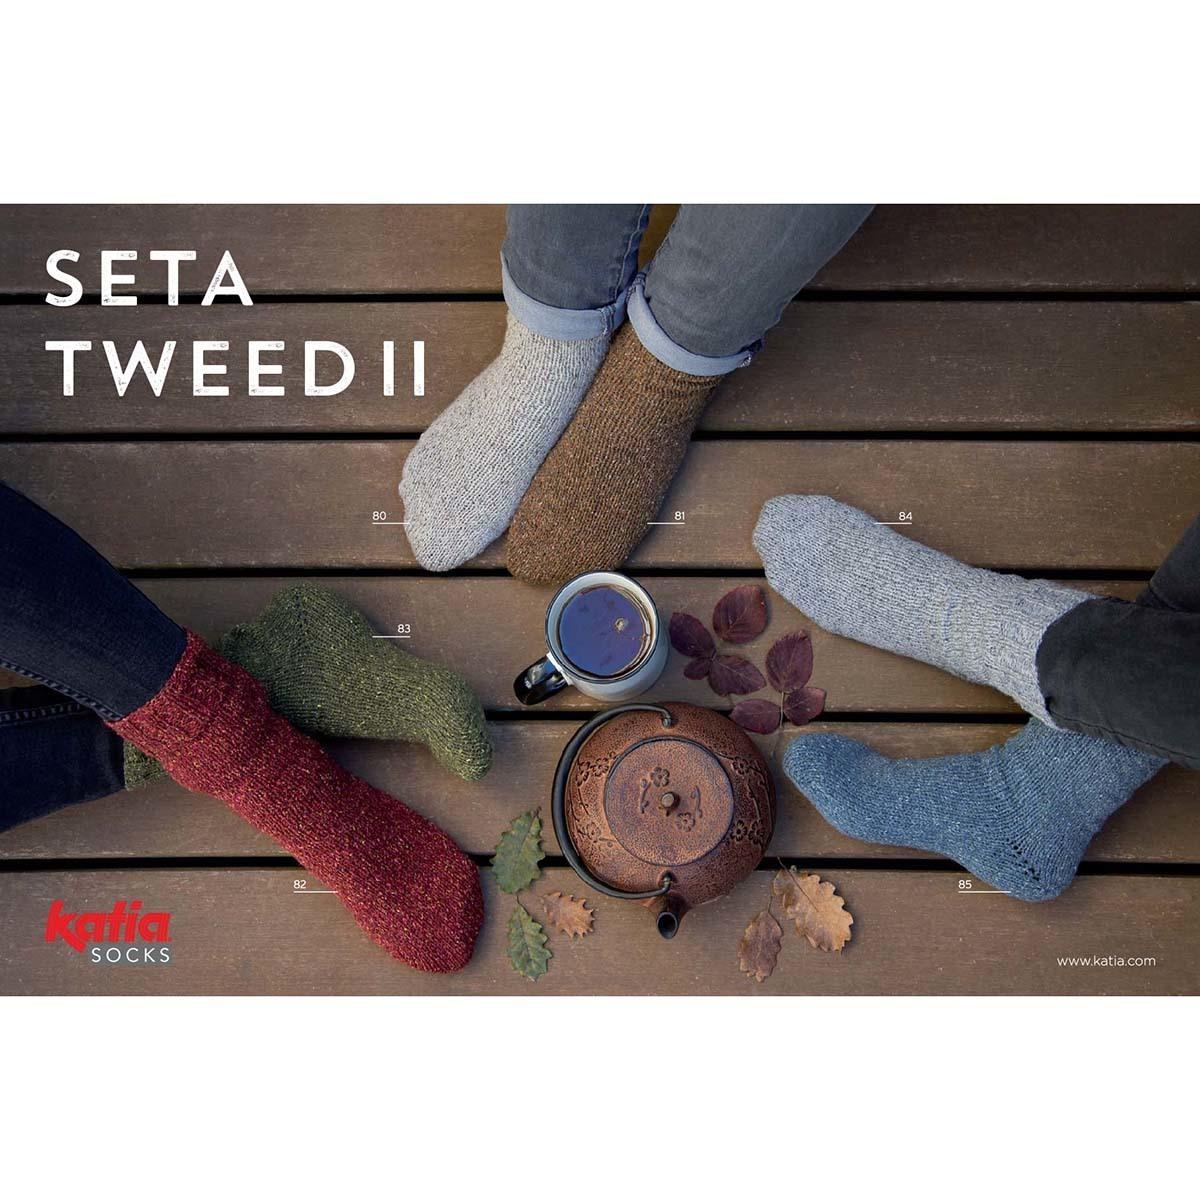 Katia Seta Tweed II Socks - 85